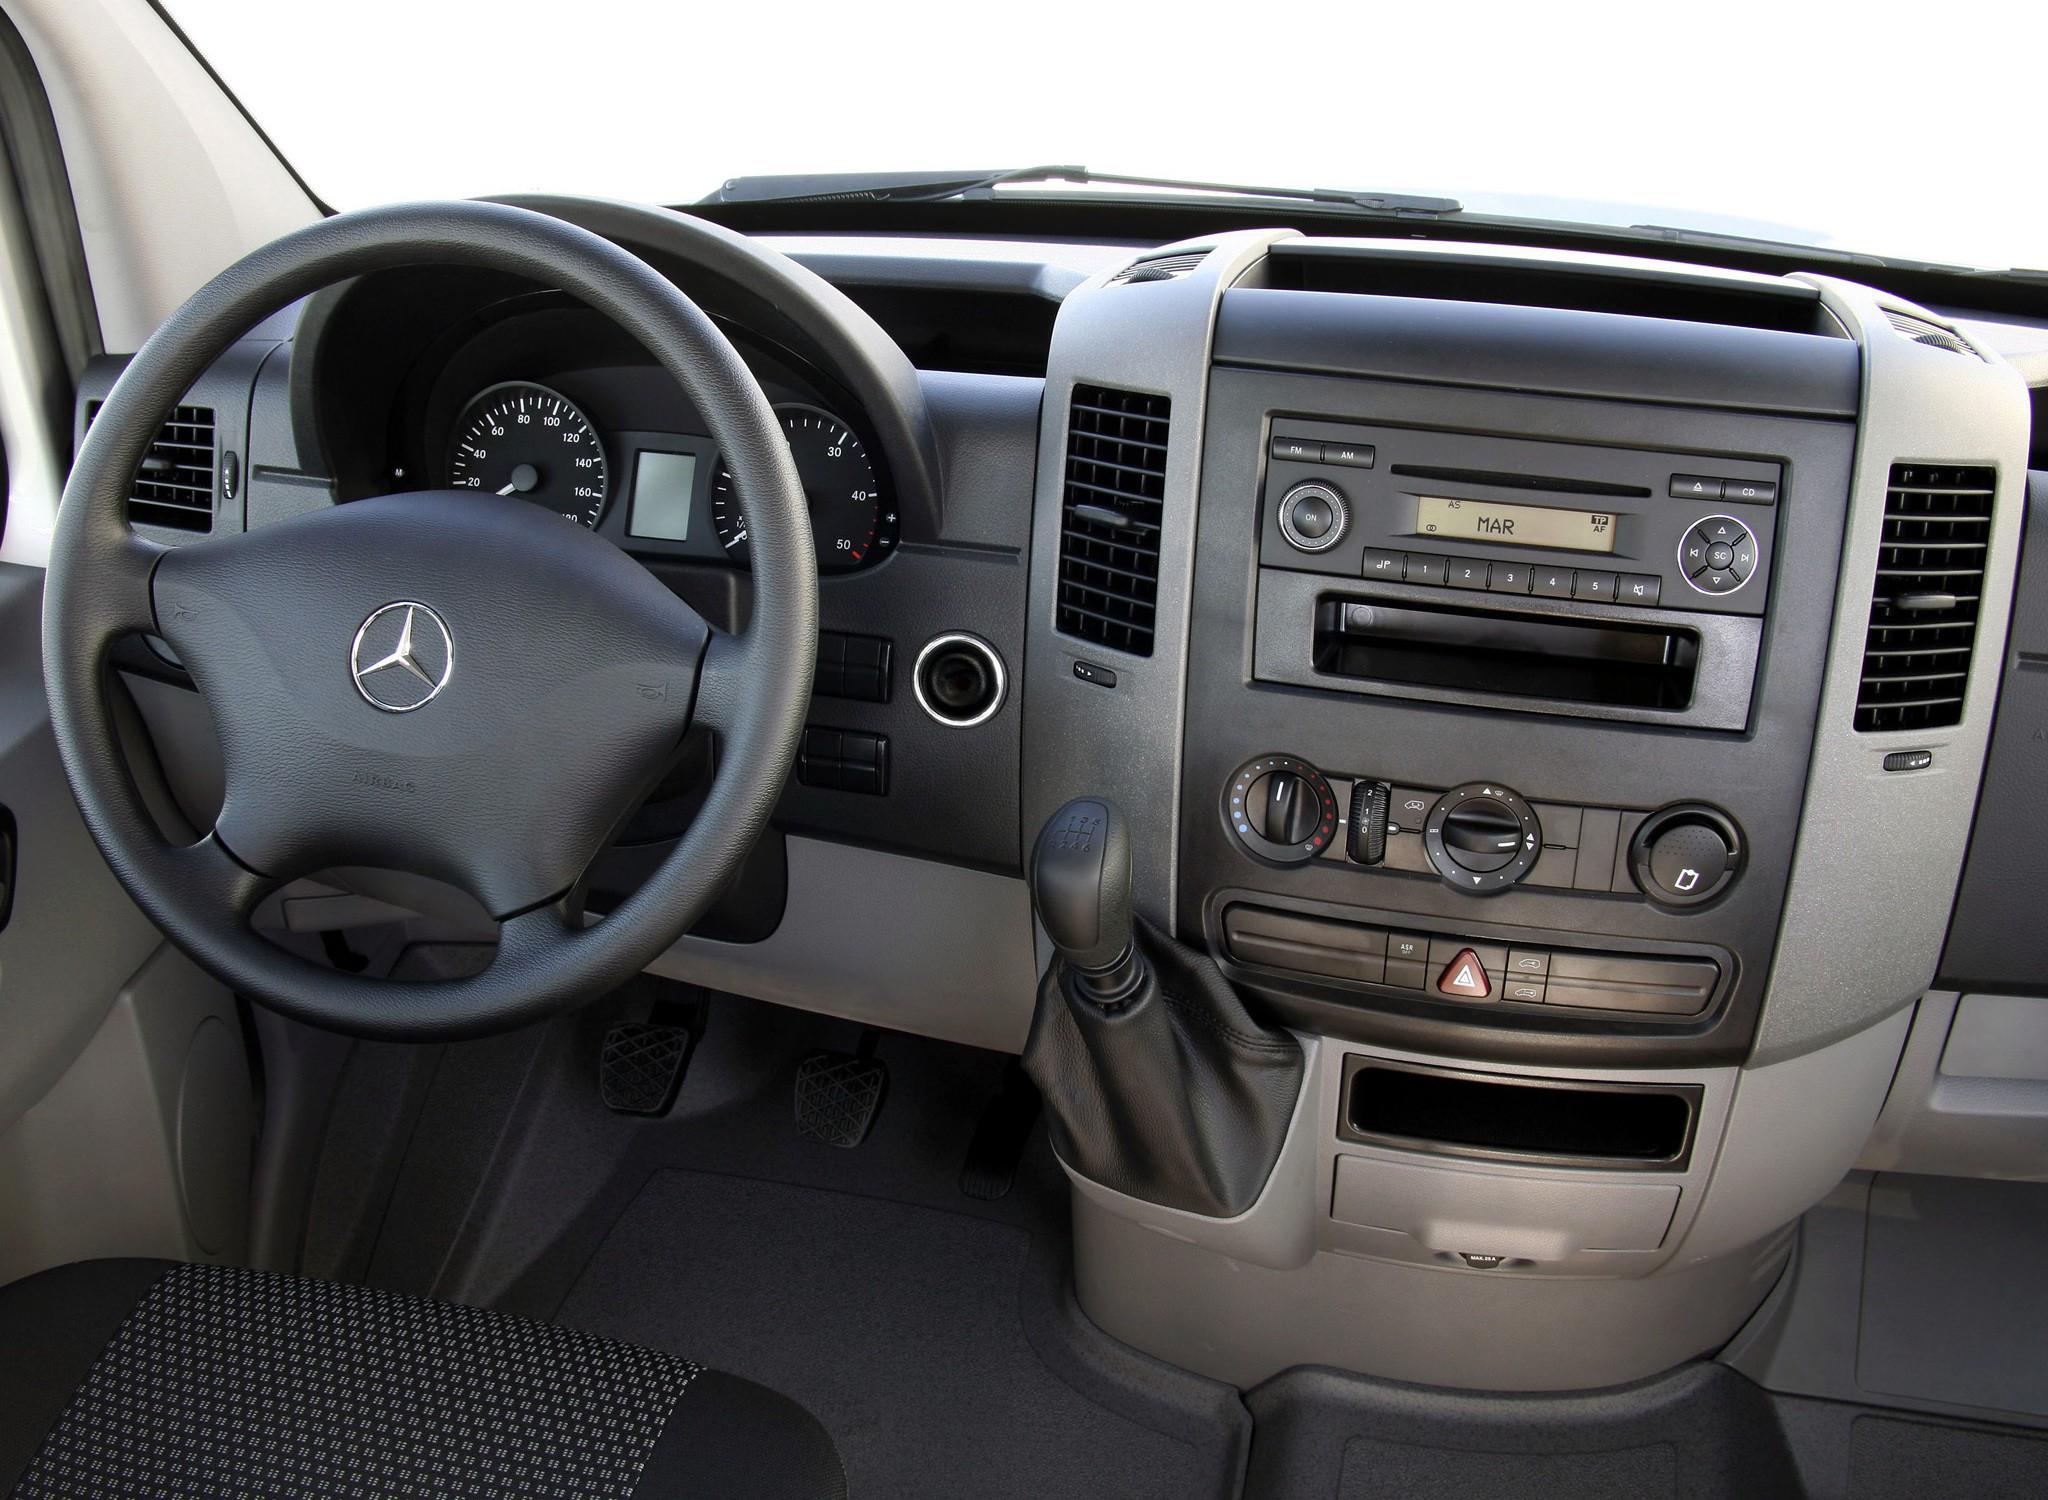 Mercedes Sprinter Cargo Van 4 Doors 2010 Model  ...